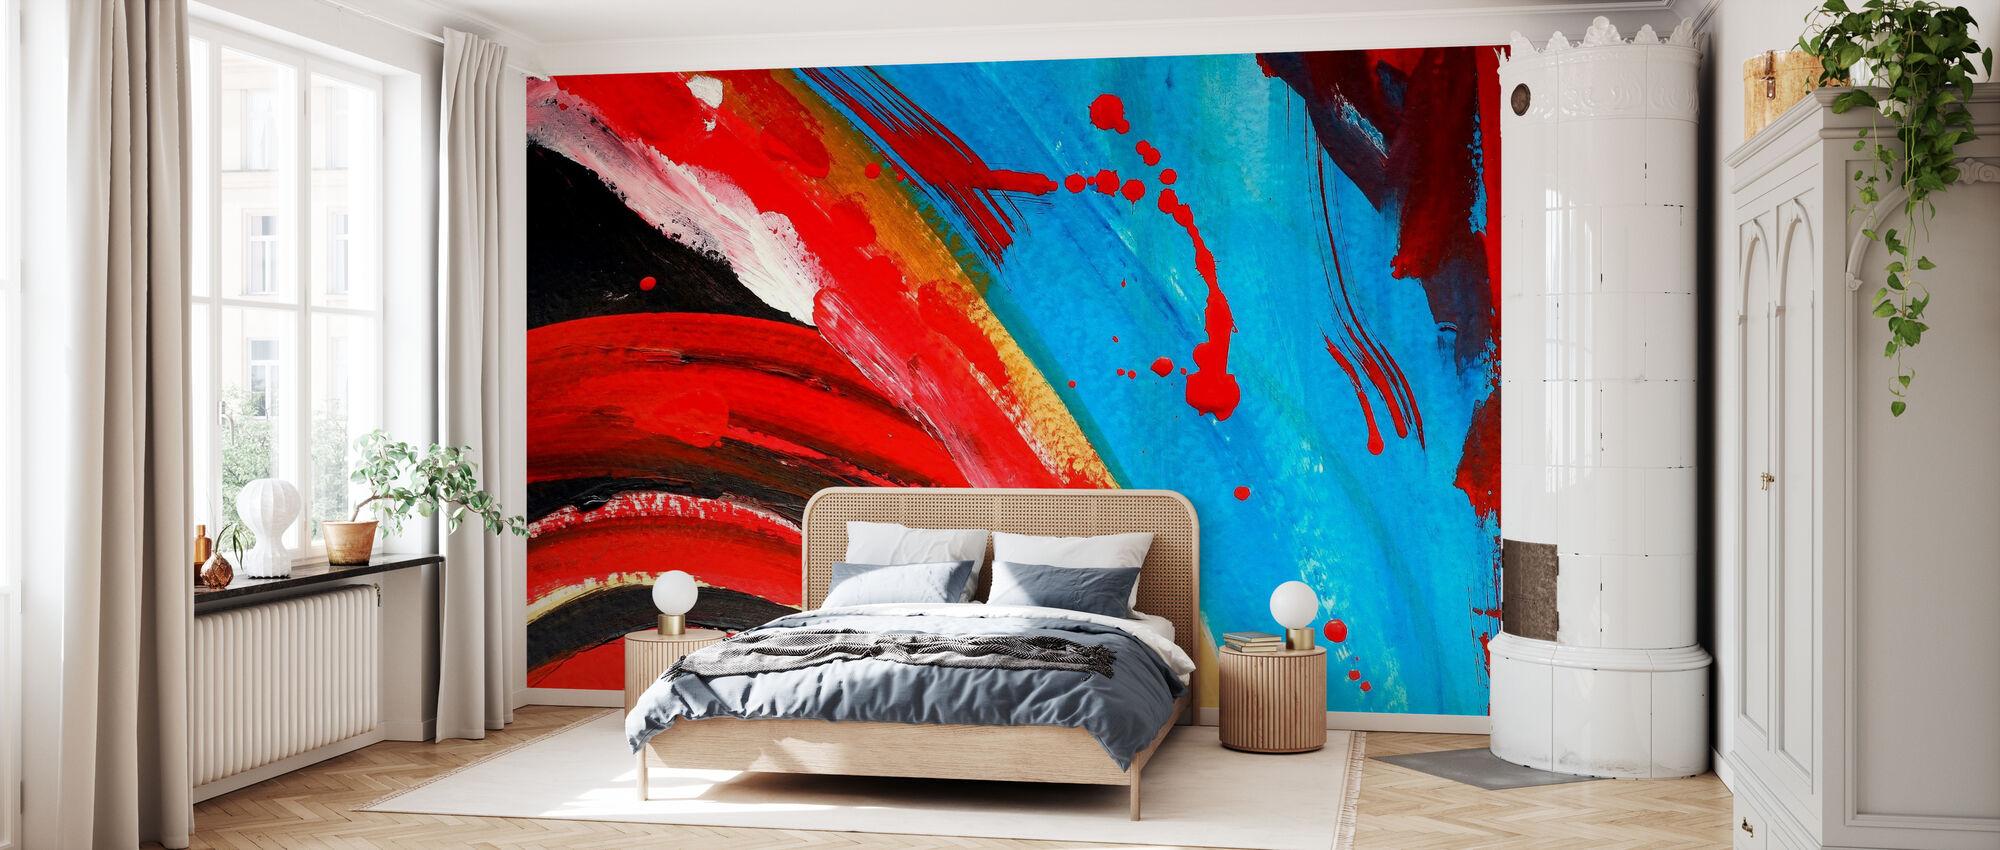 Peinture abstraite - Papier peint - Chambre